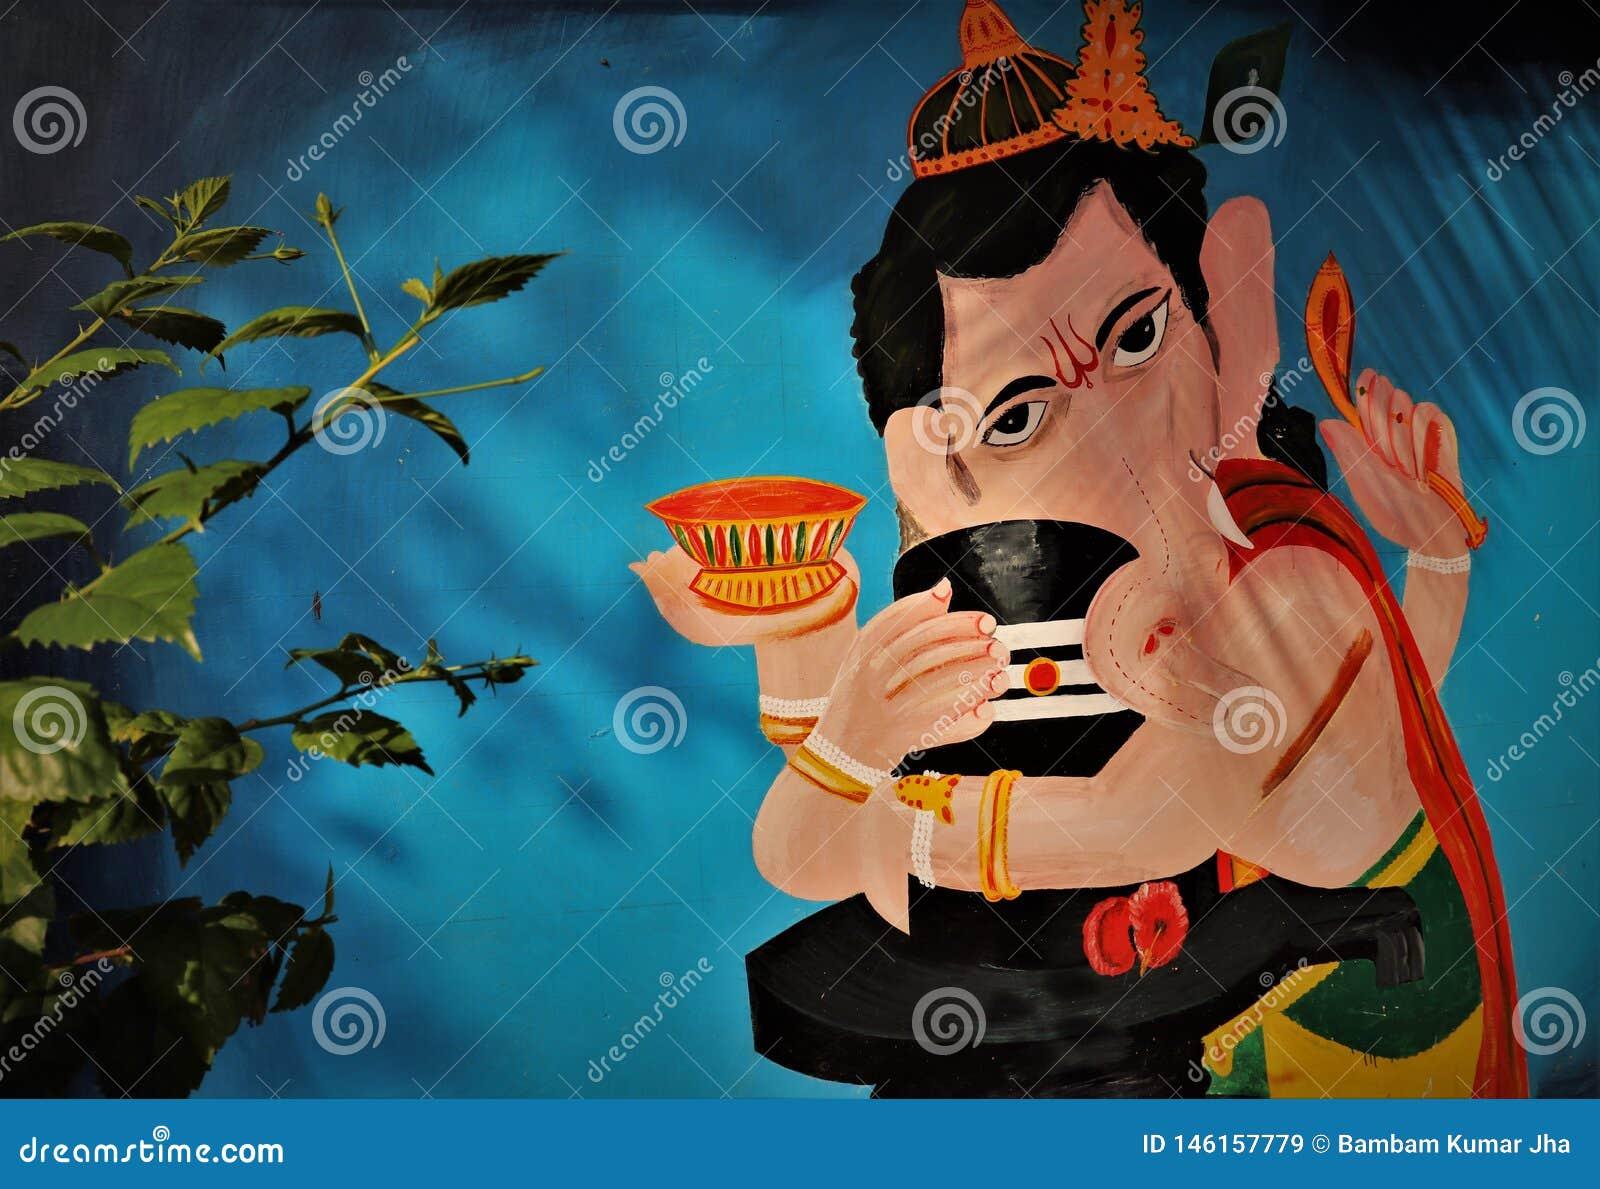 Εκμετάλλευσης εικόνας Θεών Λόρδου ganesh ινδό θρησκευτικό